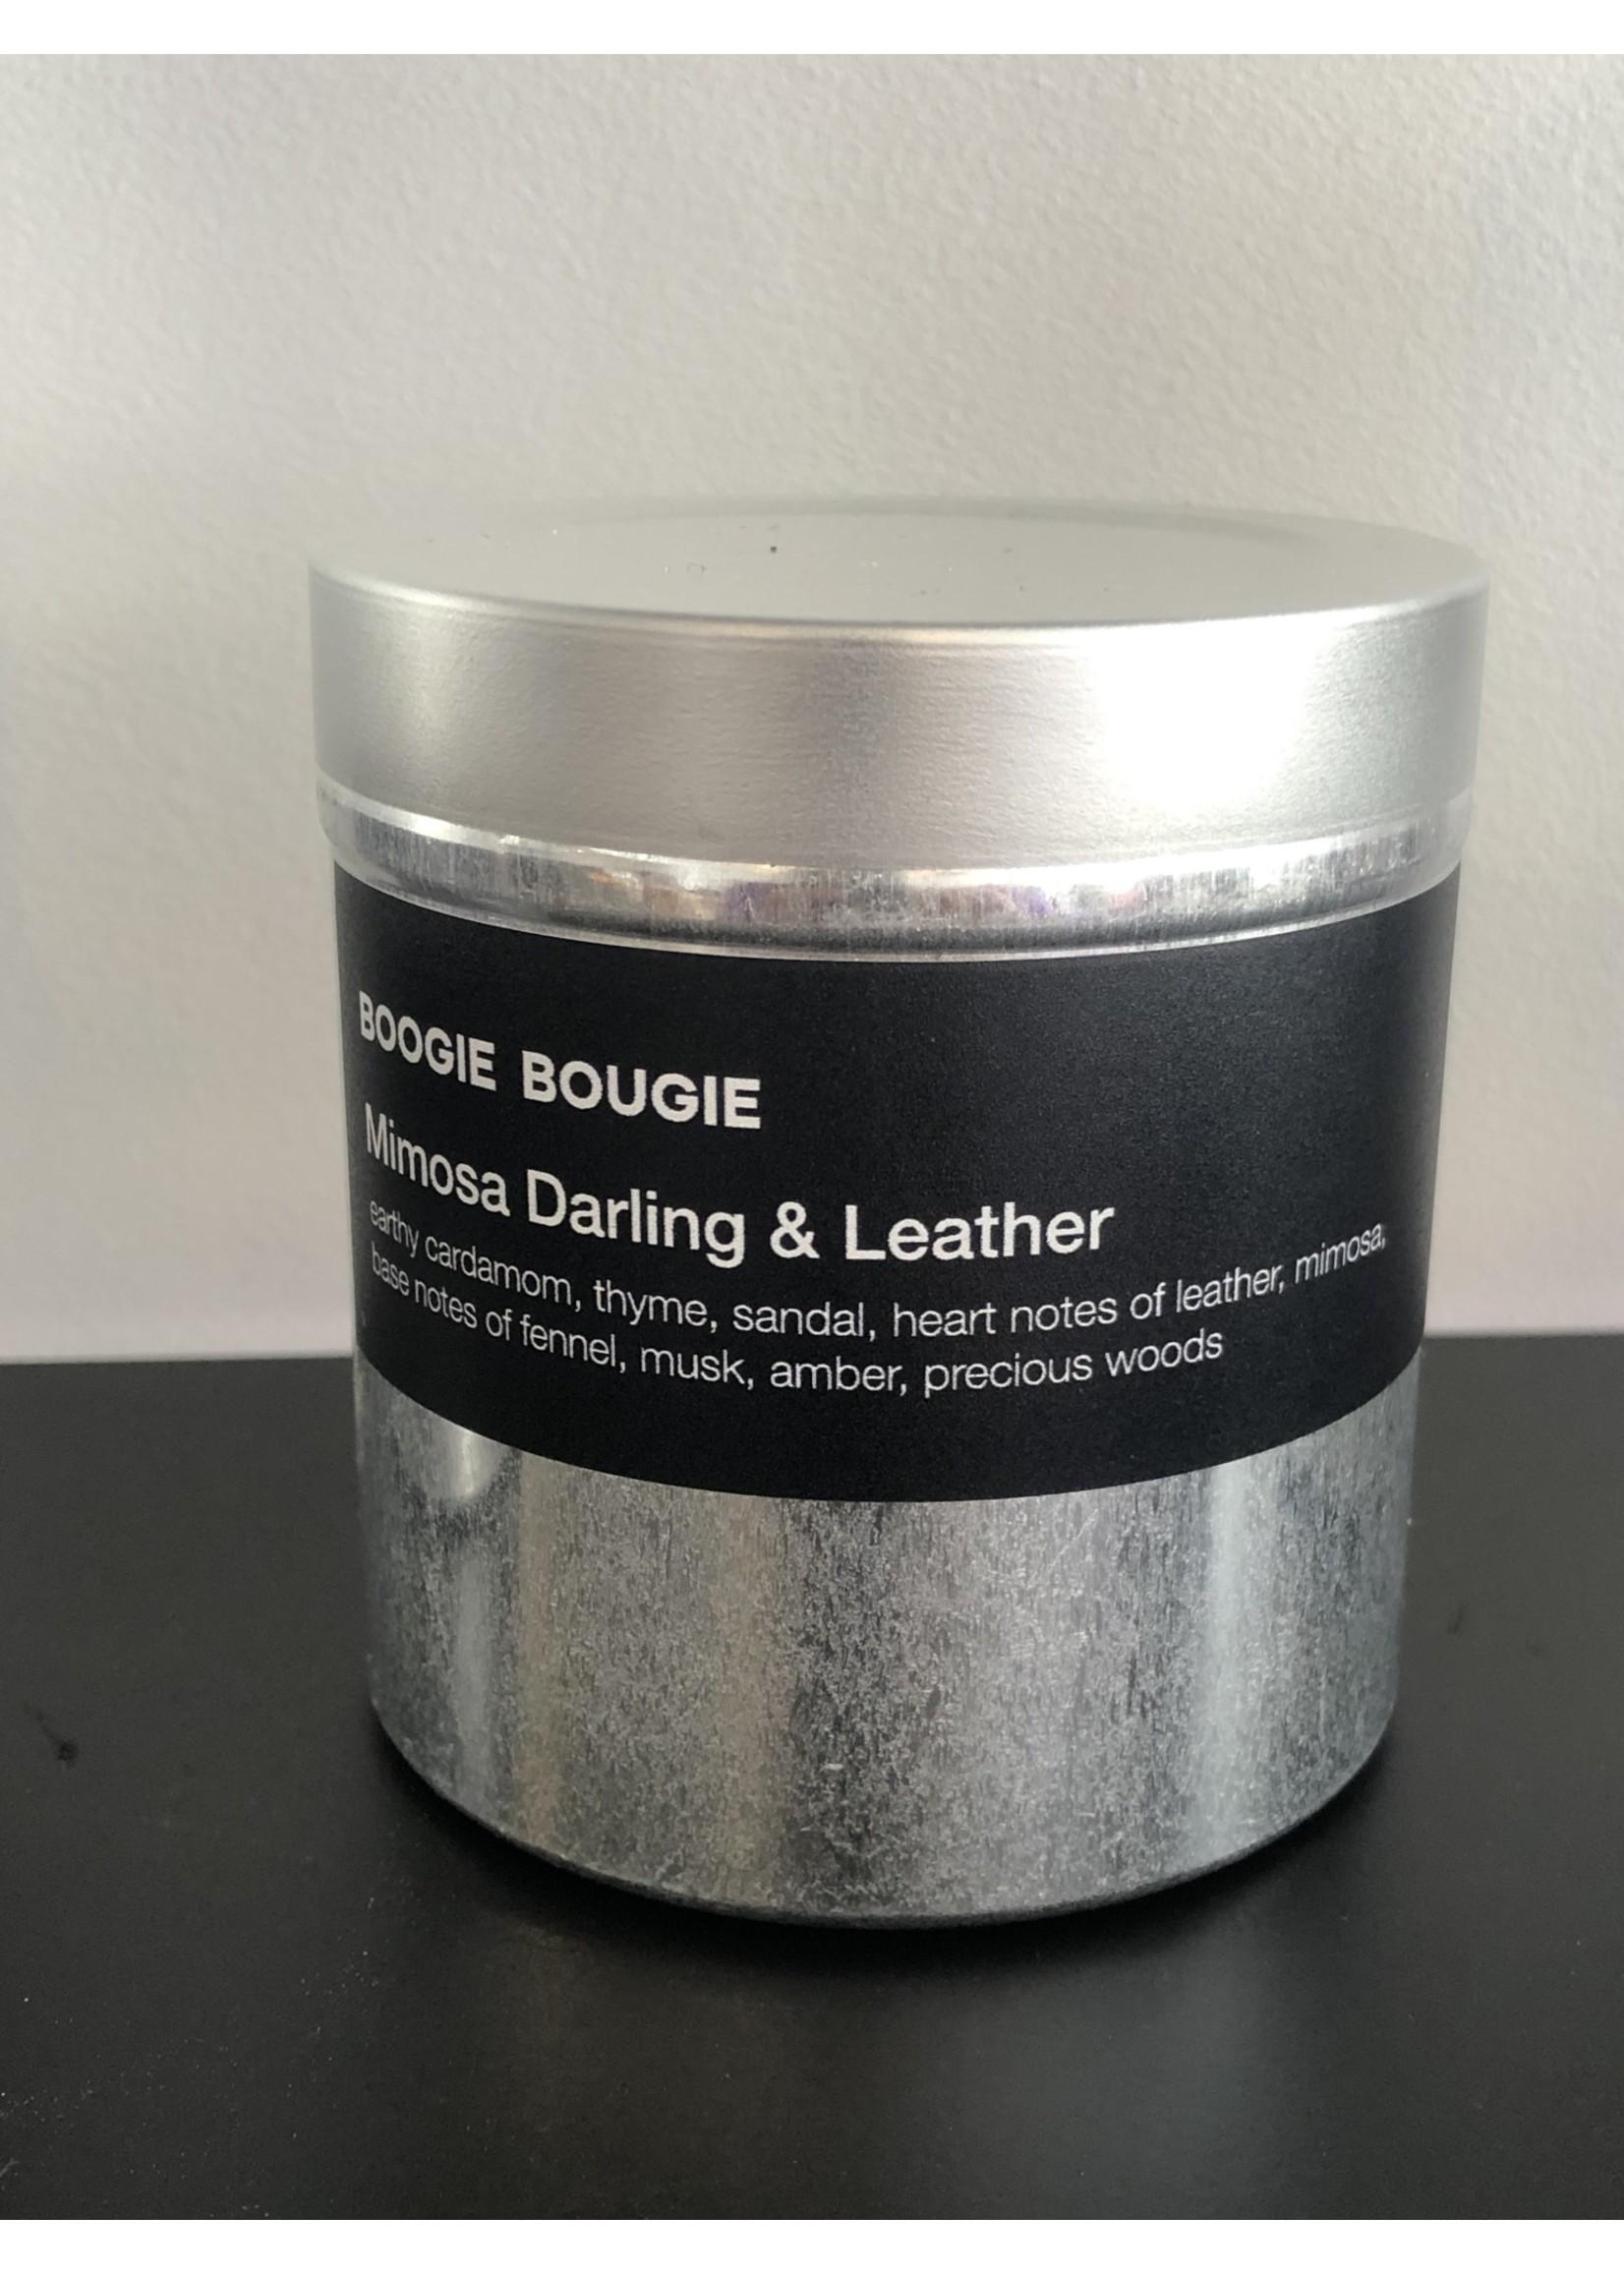 BOOGIE BOUGIE Boogie Bougie Geurkaars Mimosa Darling & Leather